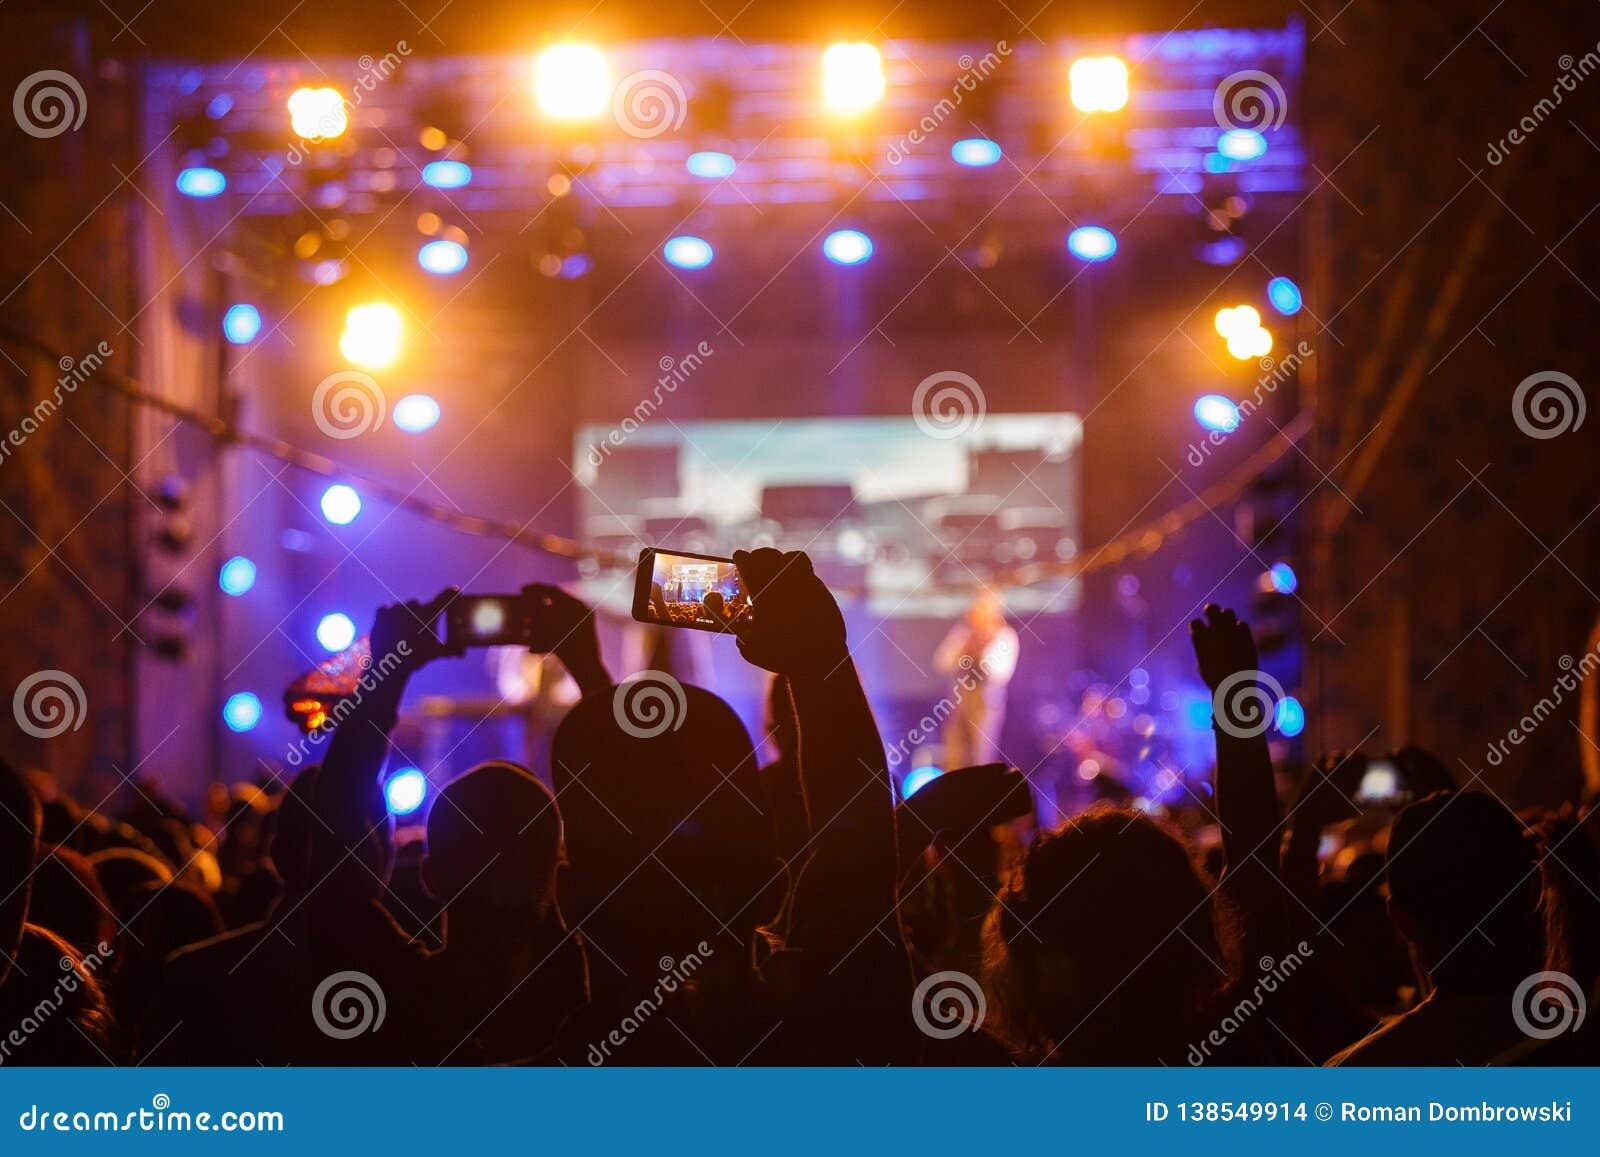 Люди на видео или фото стрельбы концерта